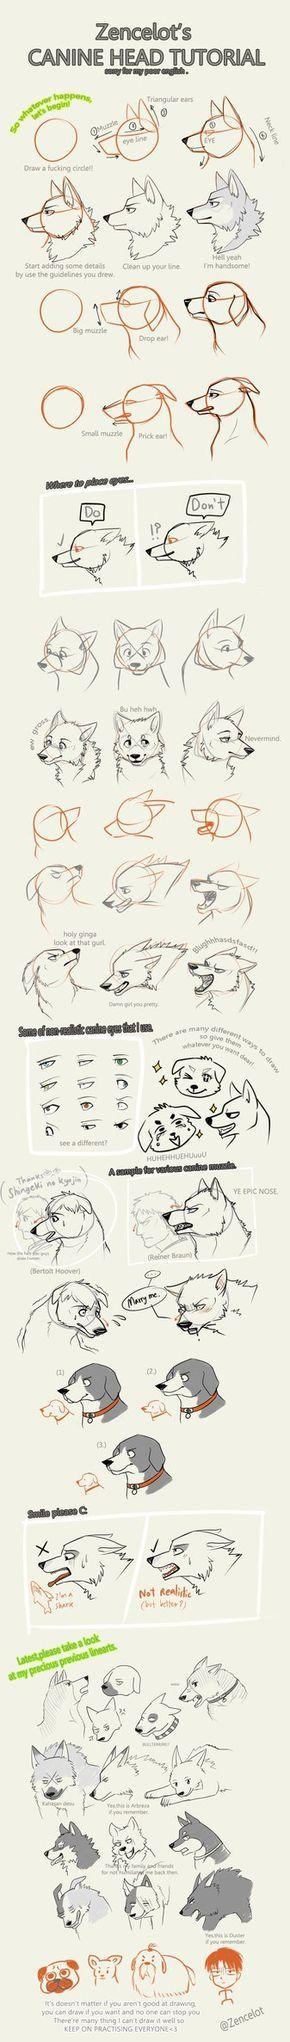 zency_s_canine_head_tutorial_by_zencelot-d6rjtt5.png (337×2373)